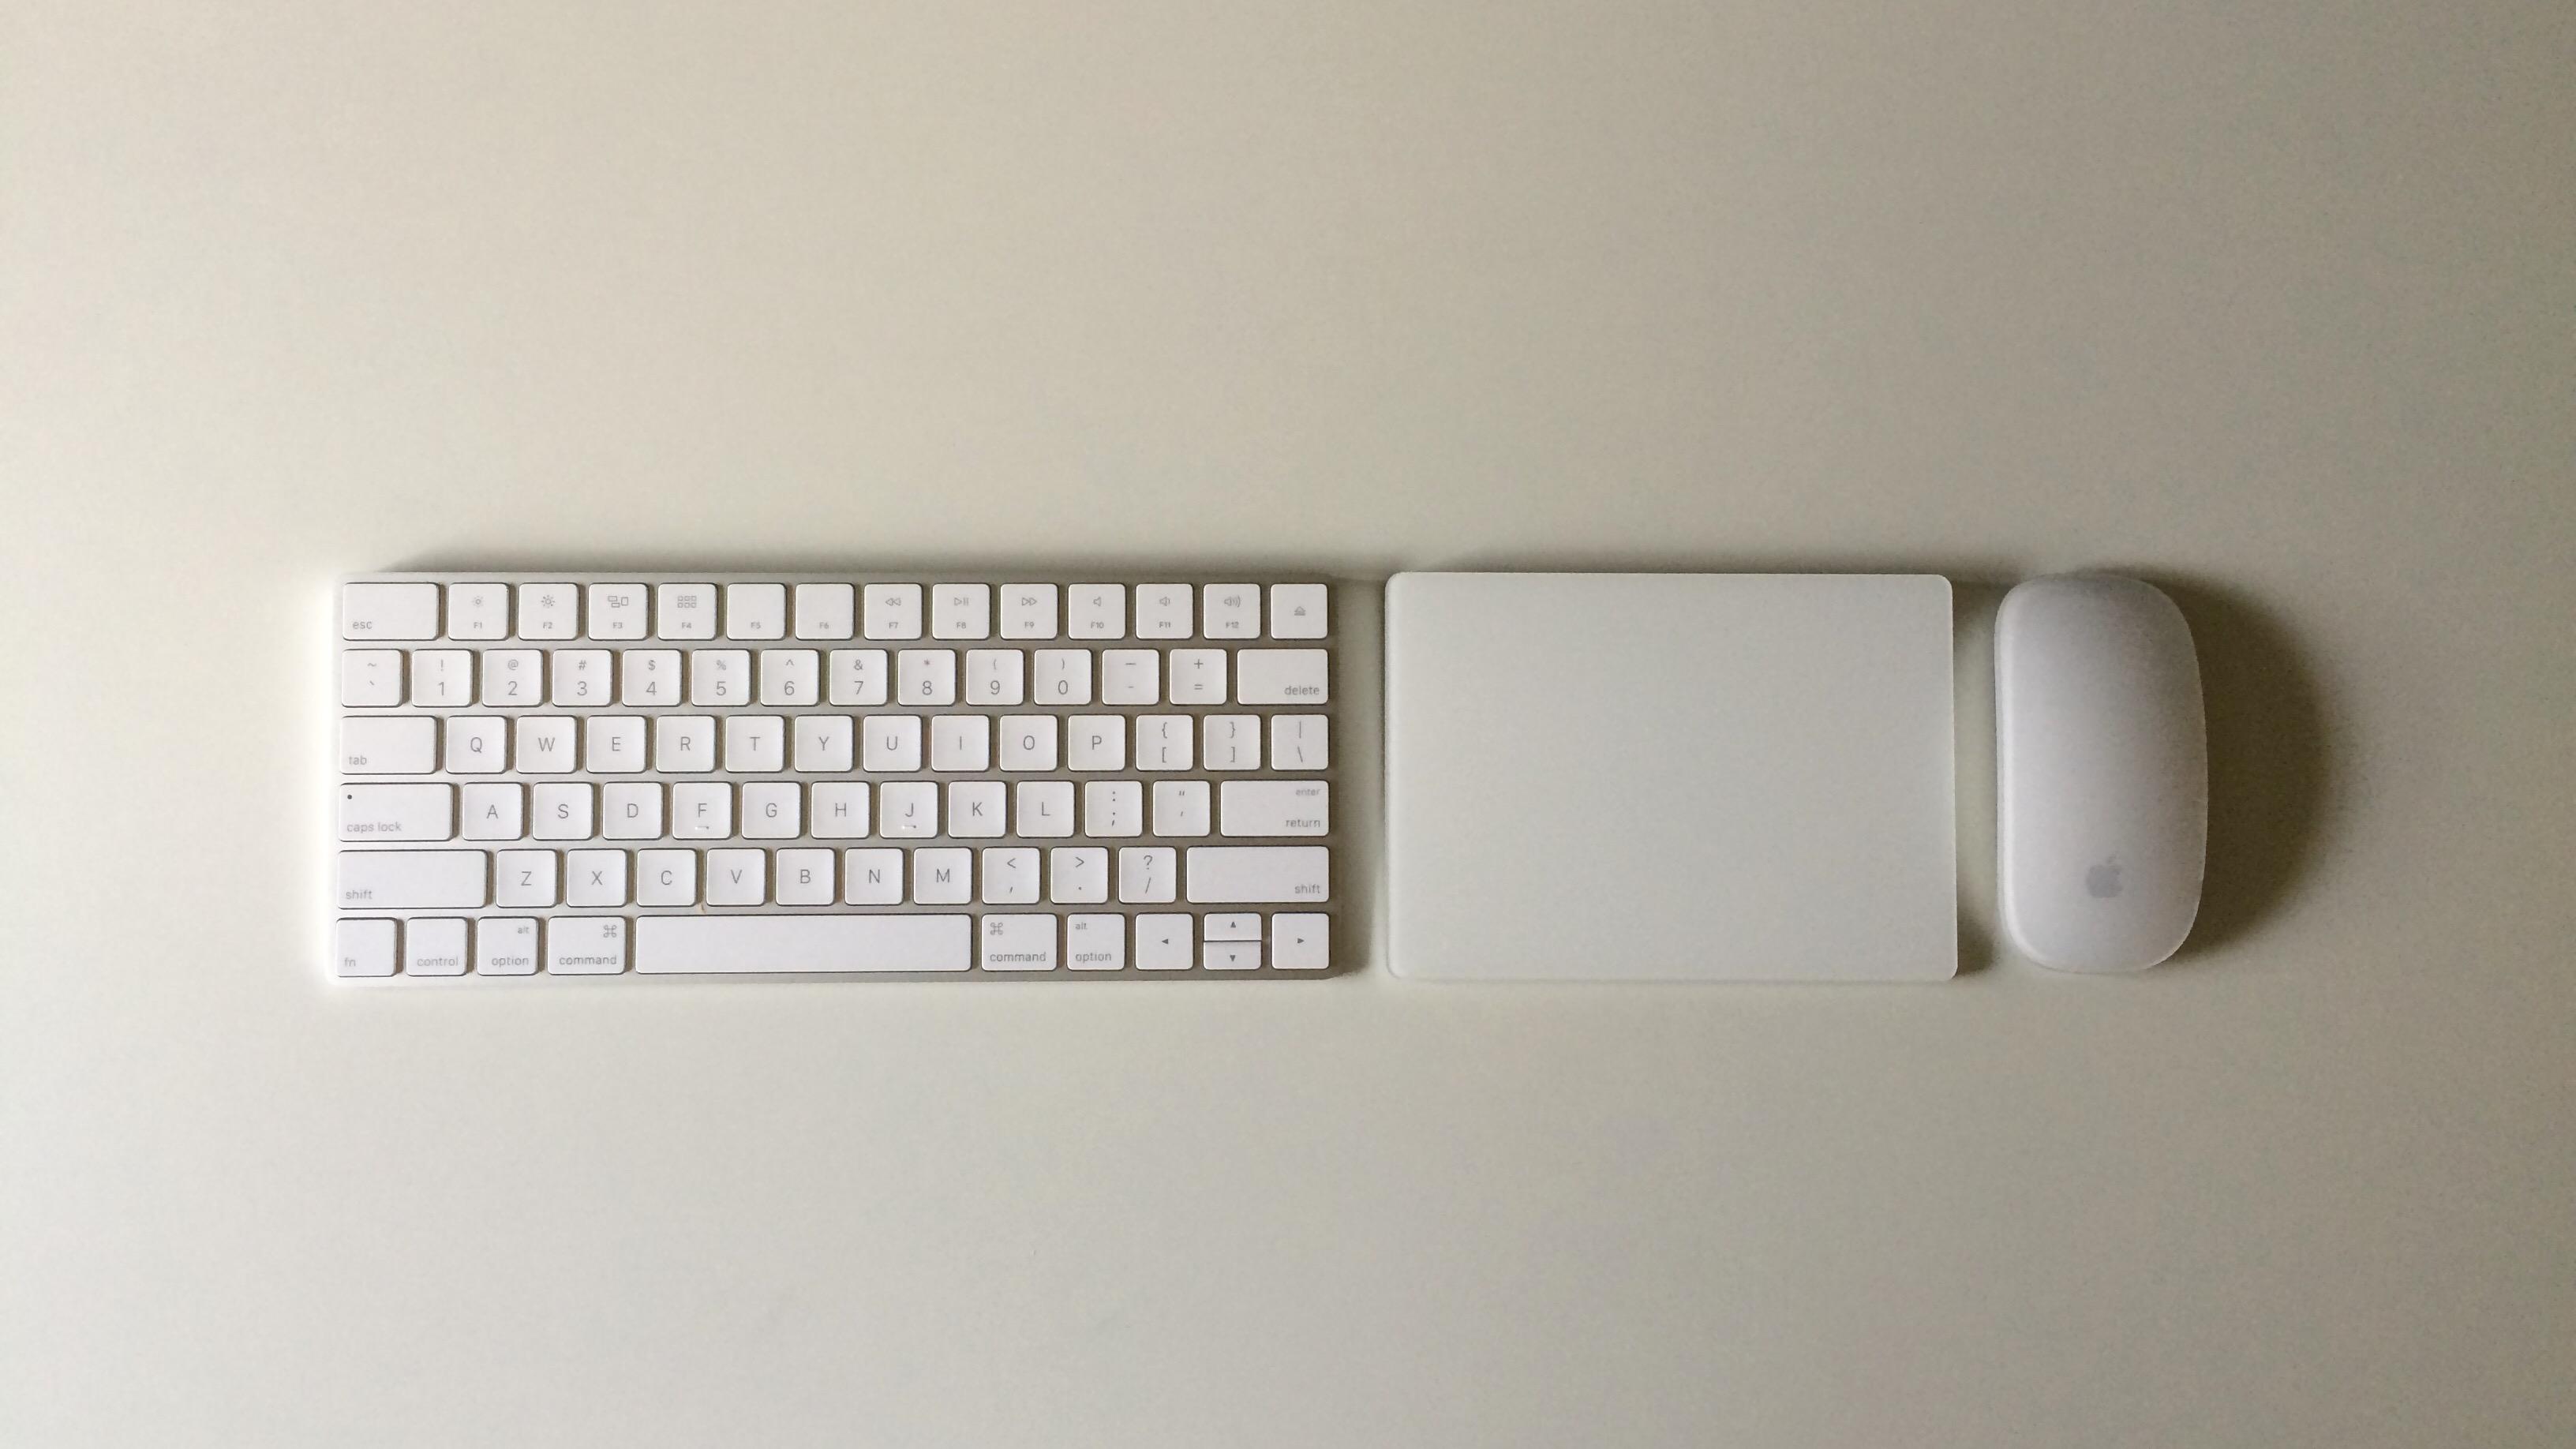 Apple Magic Keyboard, Magic Mouse 2 and Magic Trackpad 2